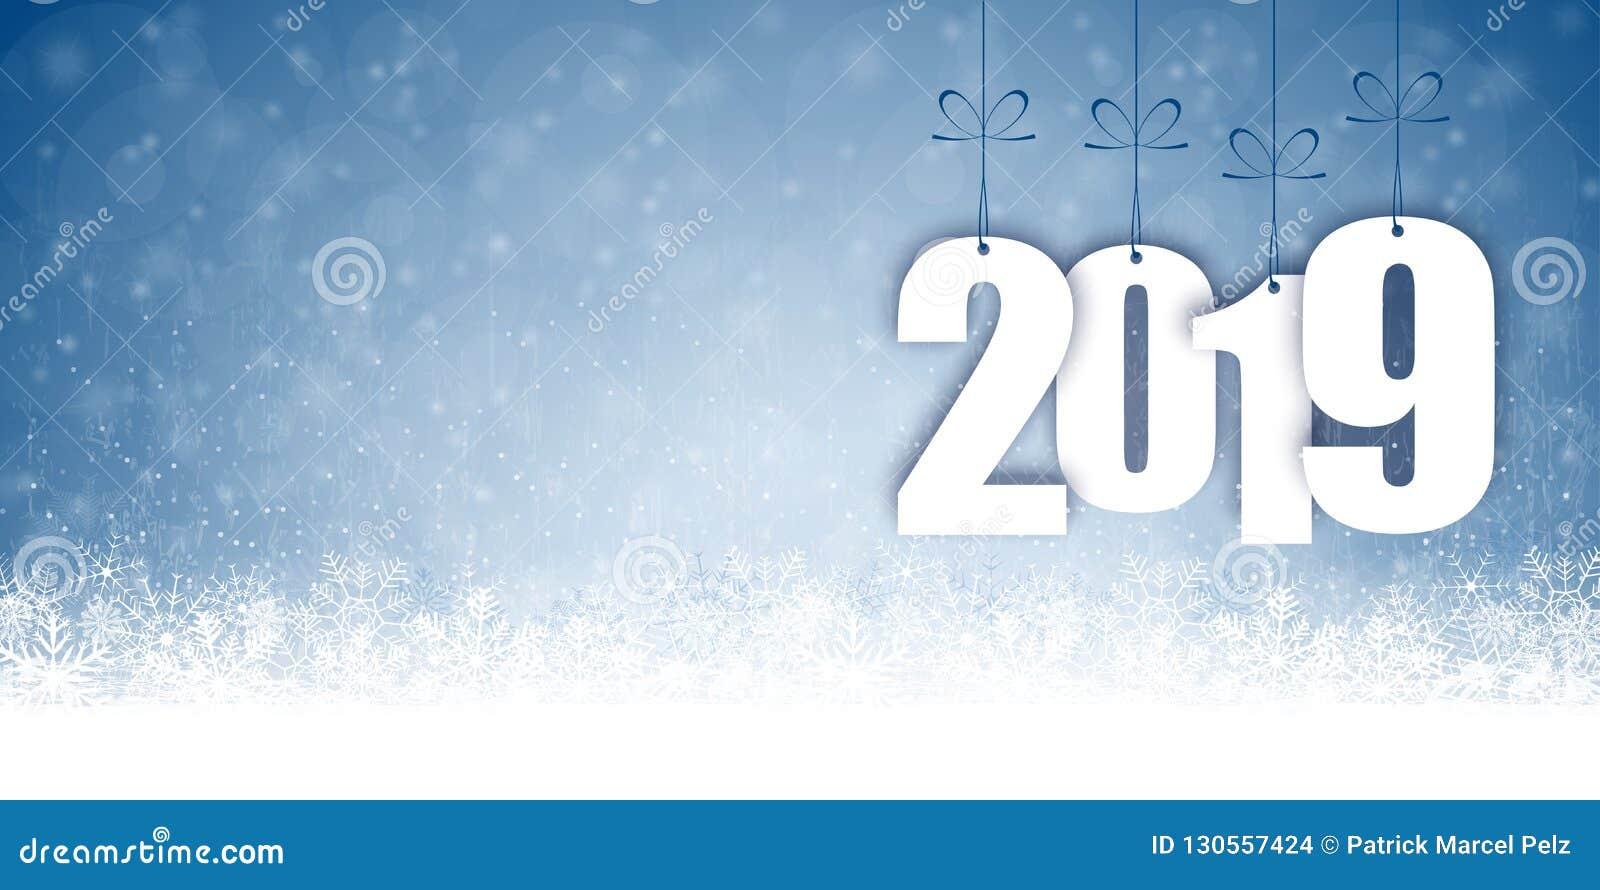 Schneefallhintergrund für Weihnachten und neues Jahr 2019